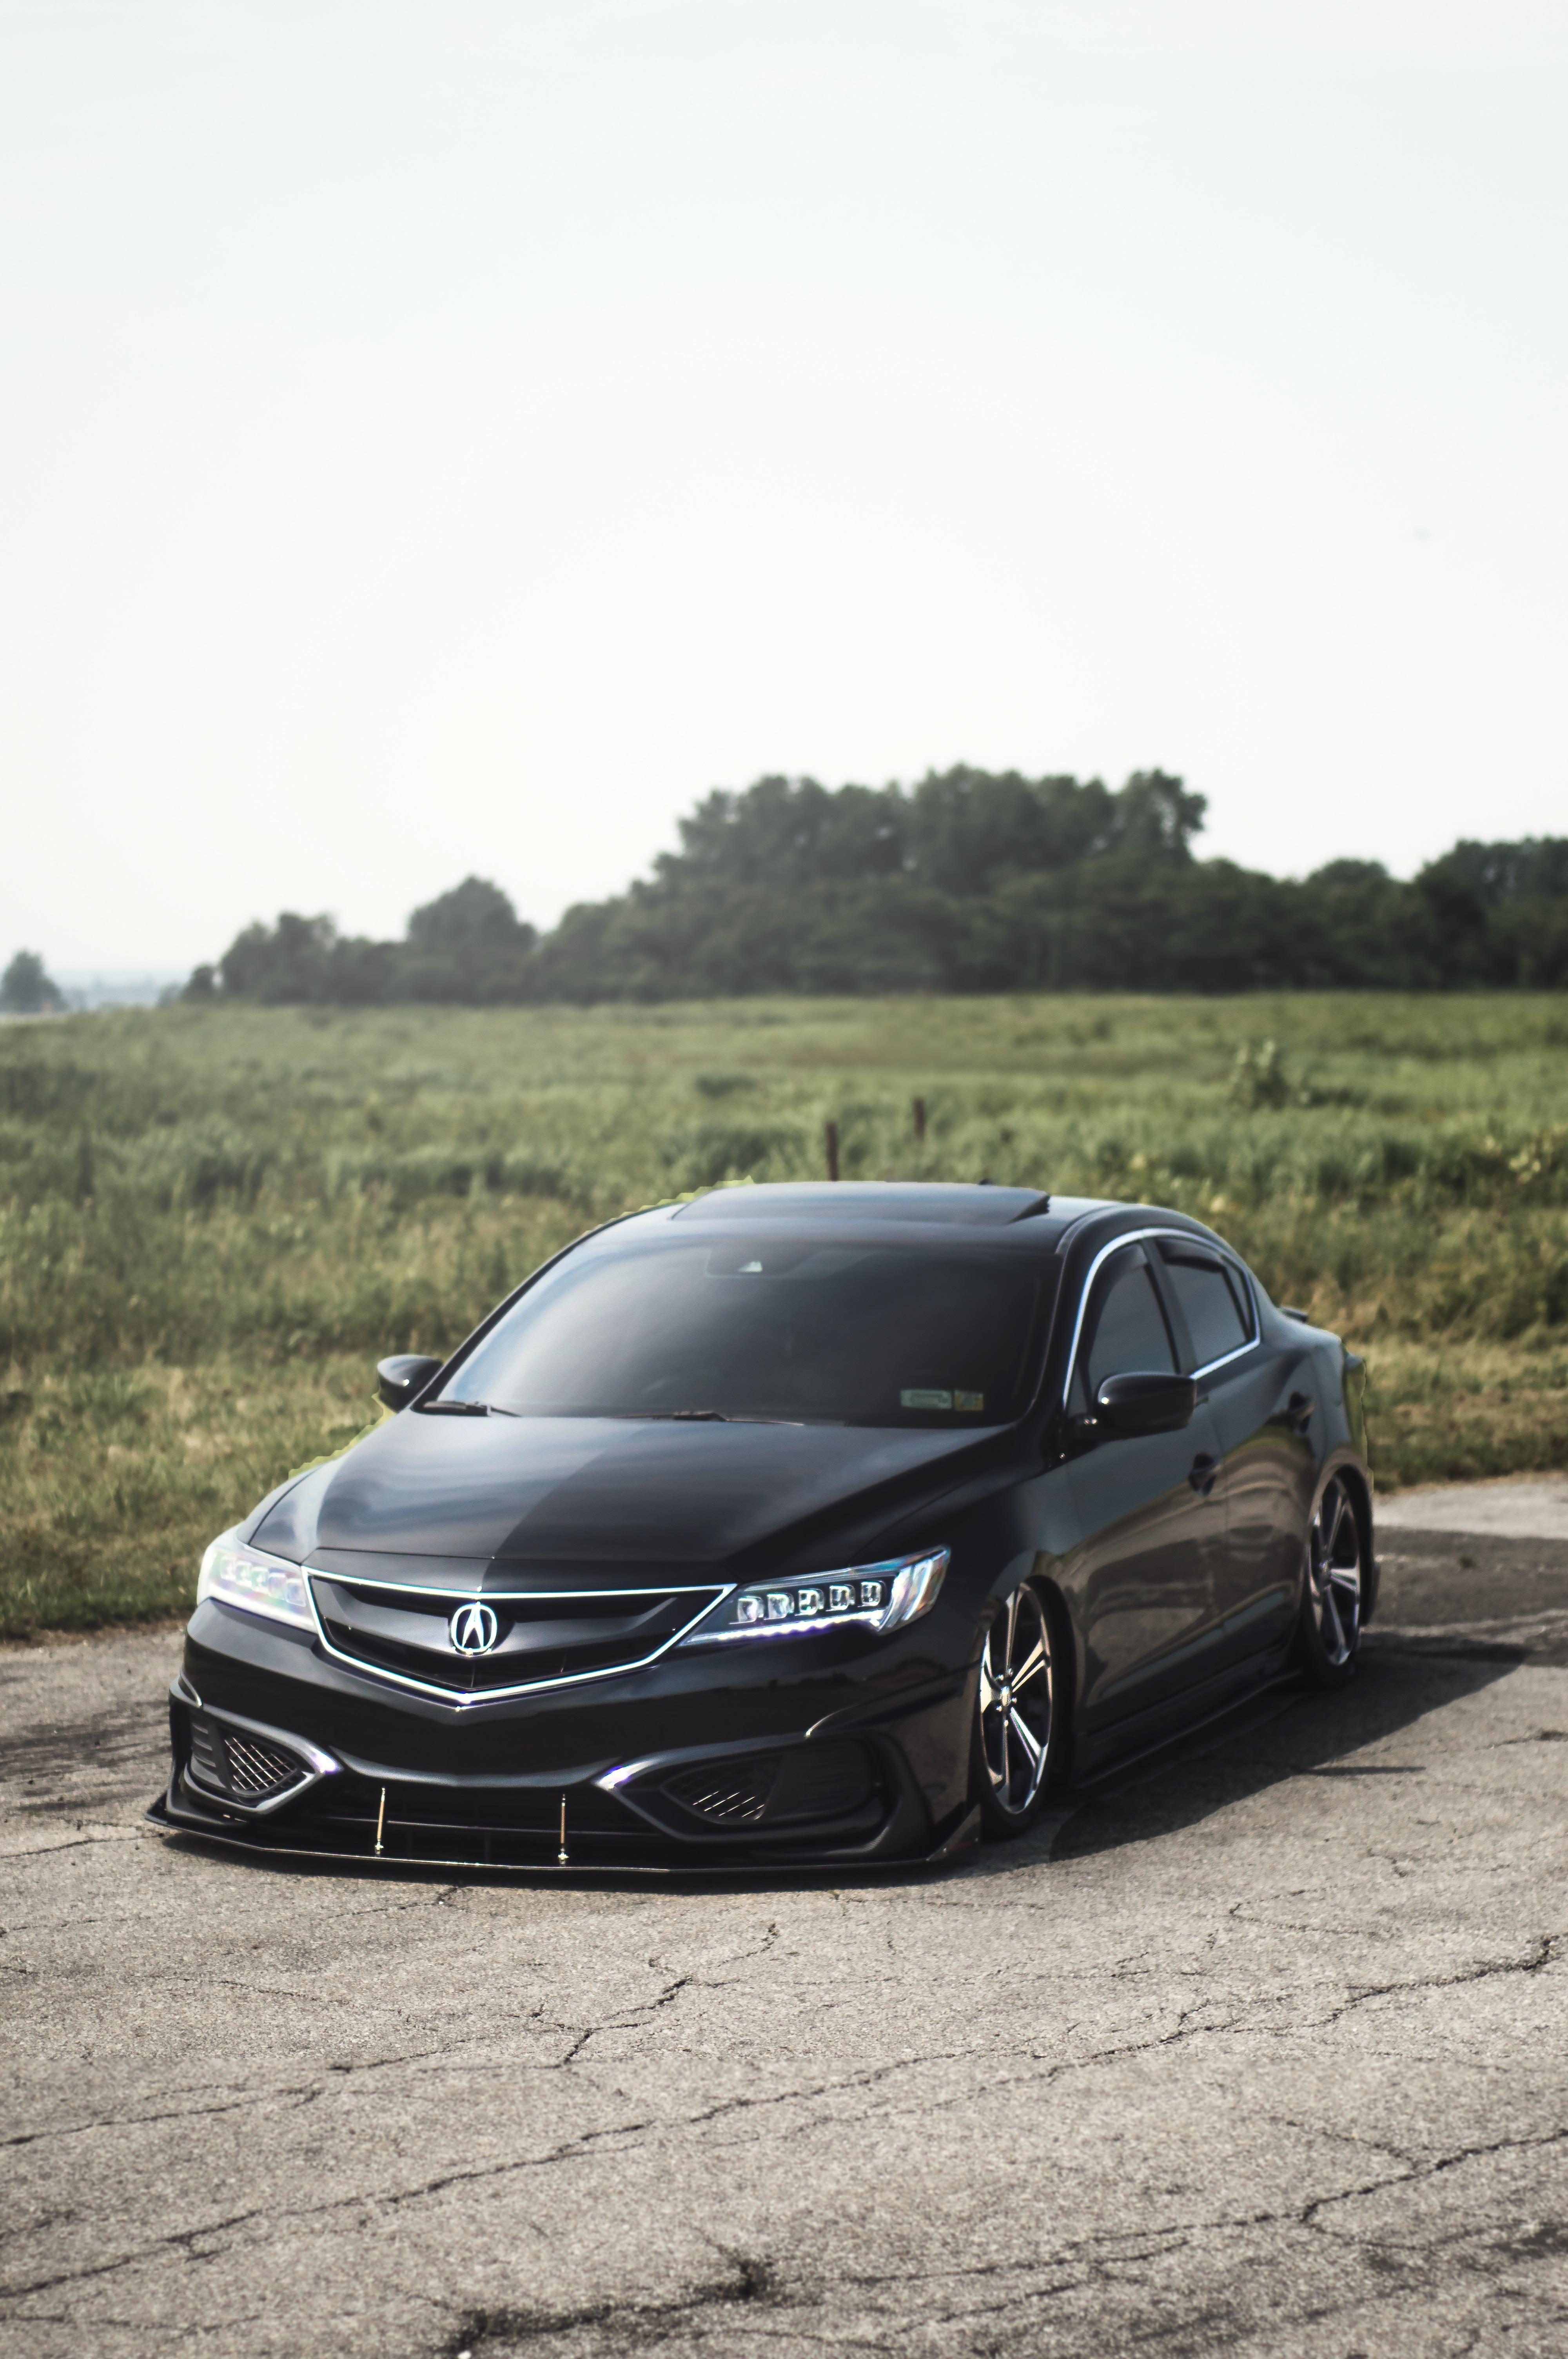 25 Acura Ideas Acura Acura Tlx Acura Cars